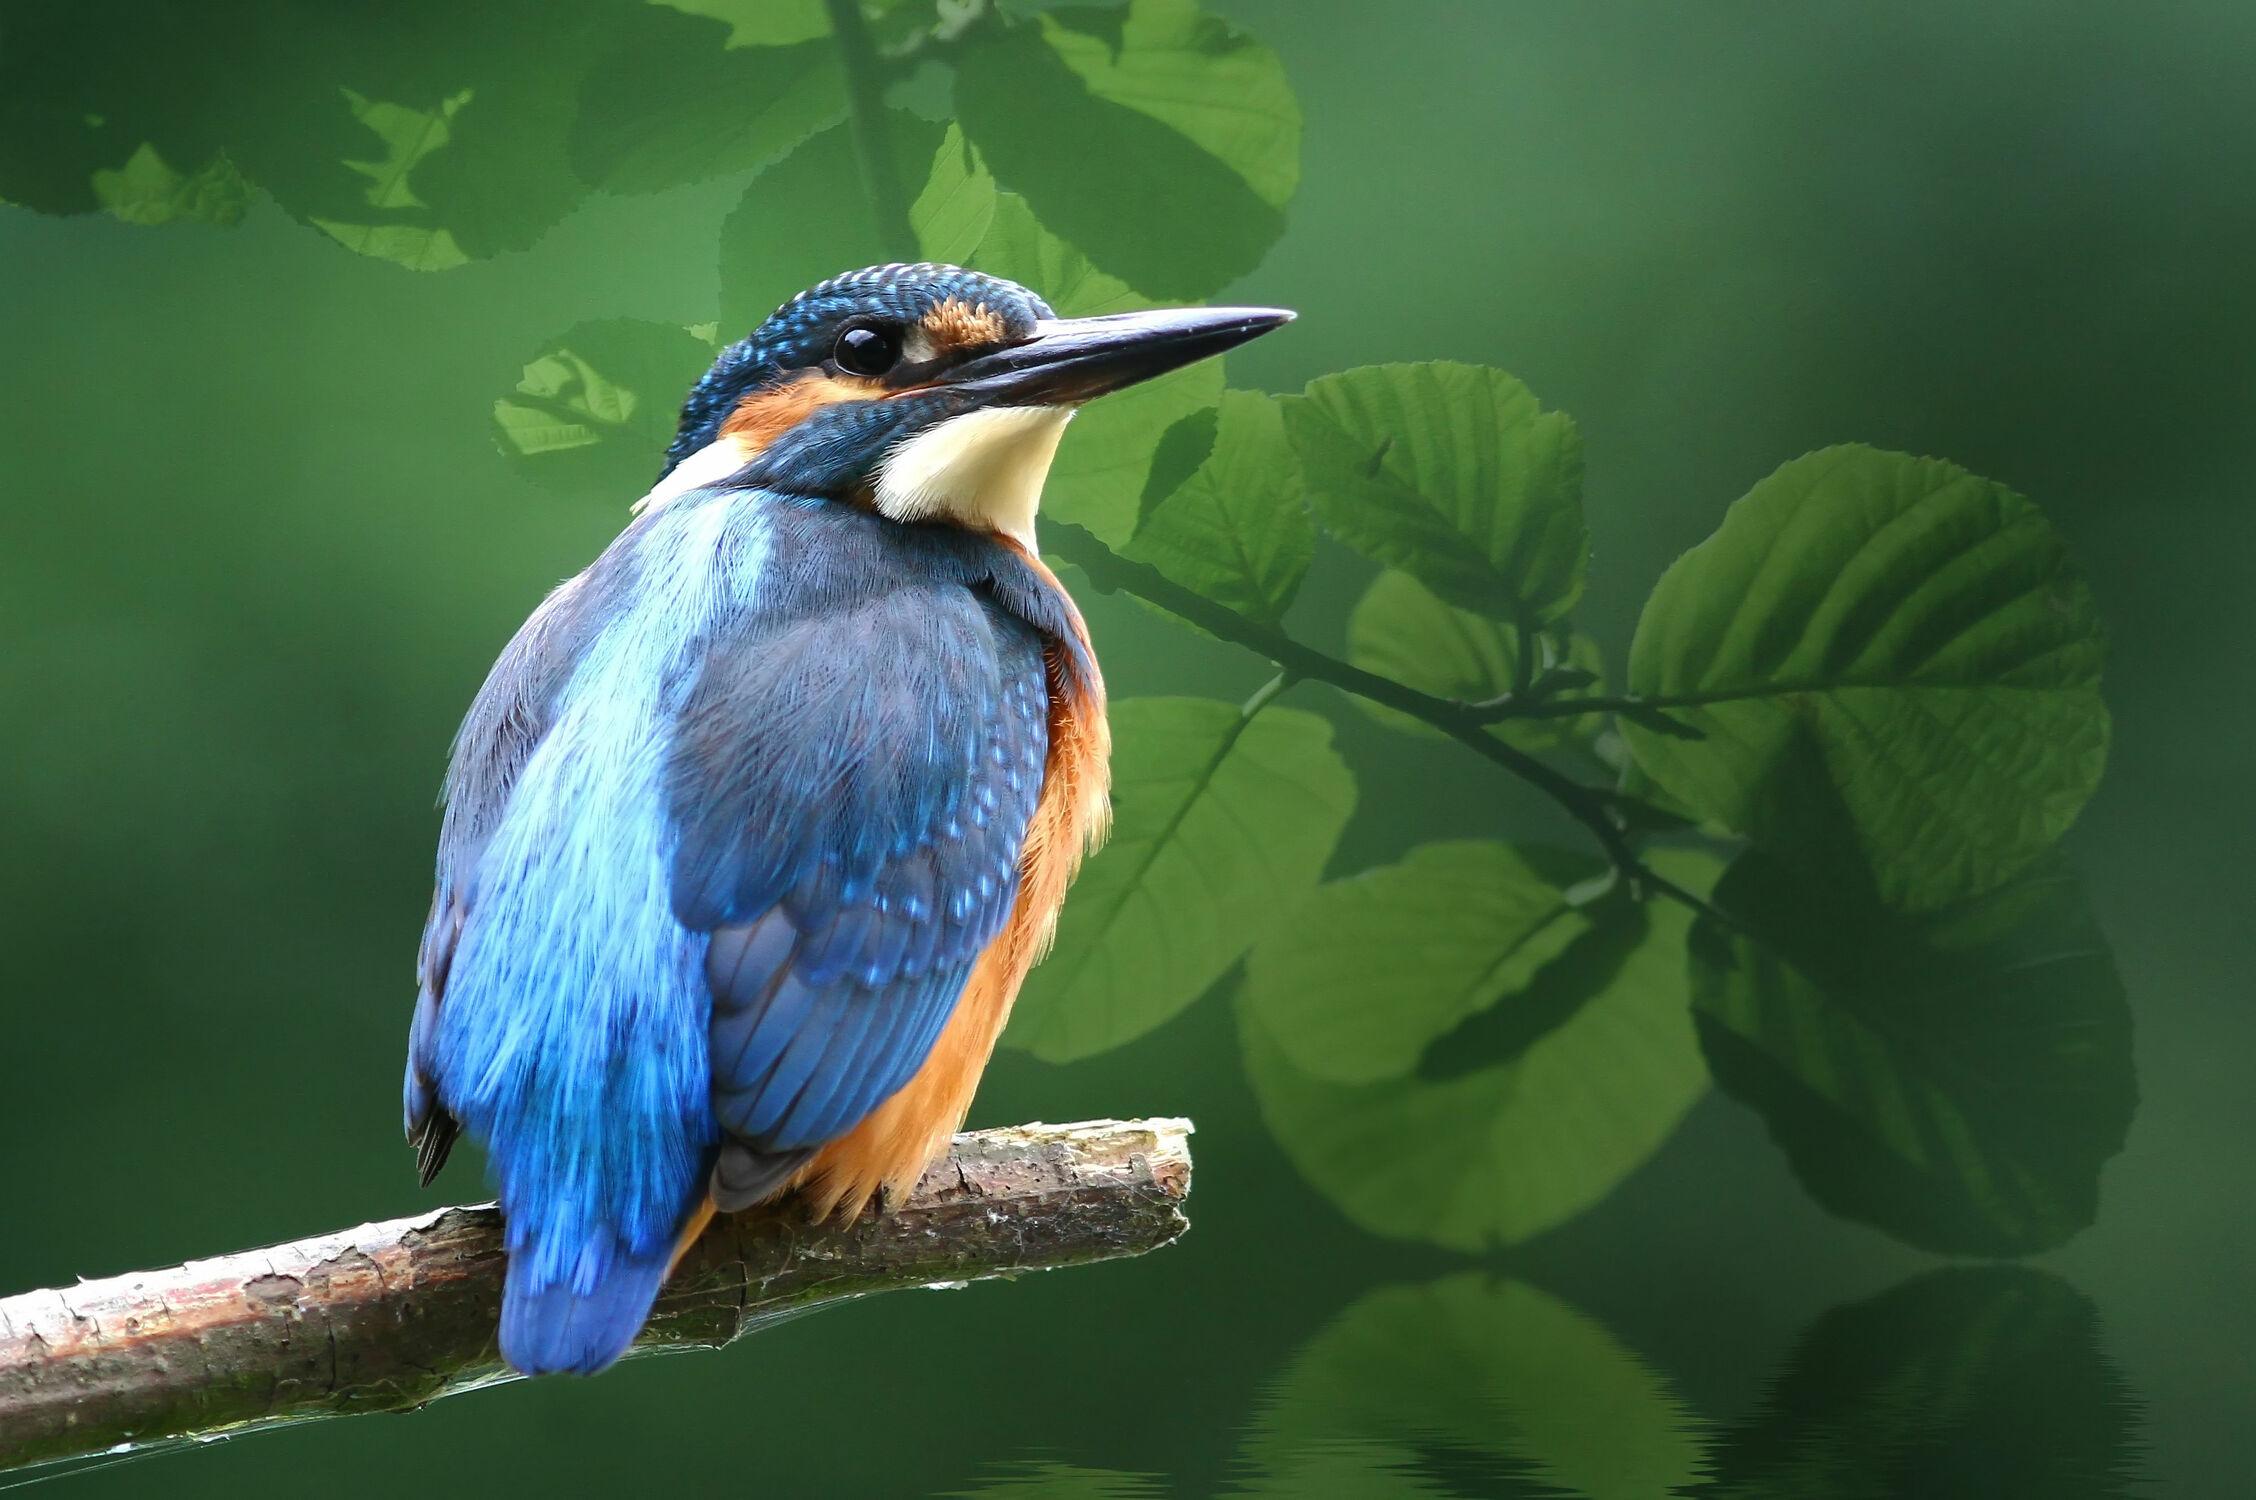 Bild mit Tiere, Natur, Vögel, Vögel, Tier, Eisvogel